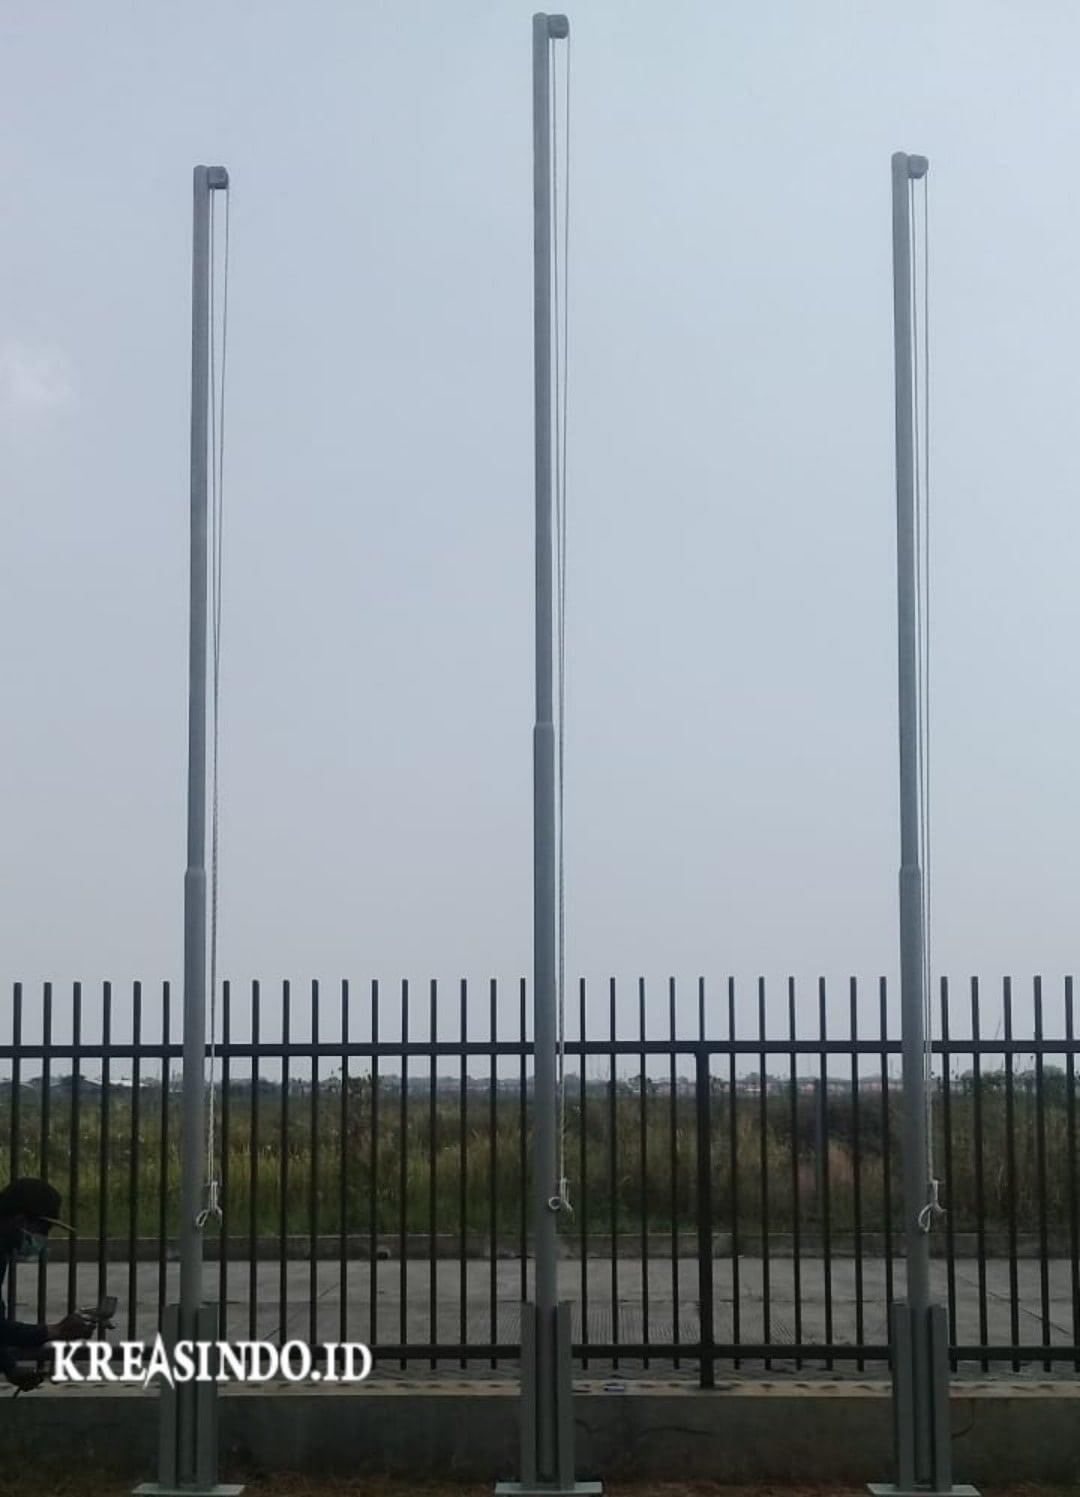 Daftar Harga Tiang Bendera Besi, Tiang Umbul-Umbul Besi dan Tiang Lampu Terbaru [ Harga Upadate Maret 2021 ]